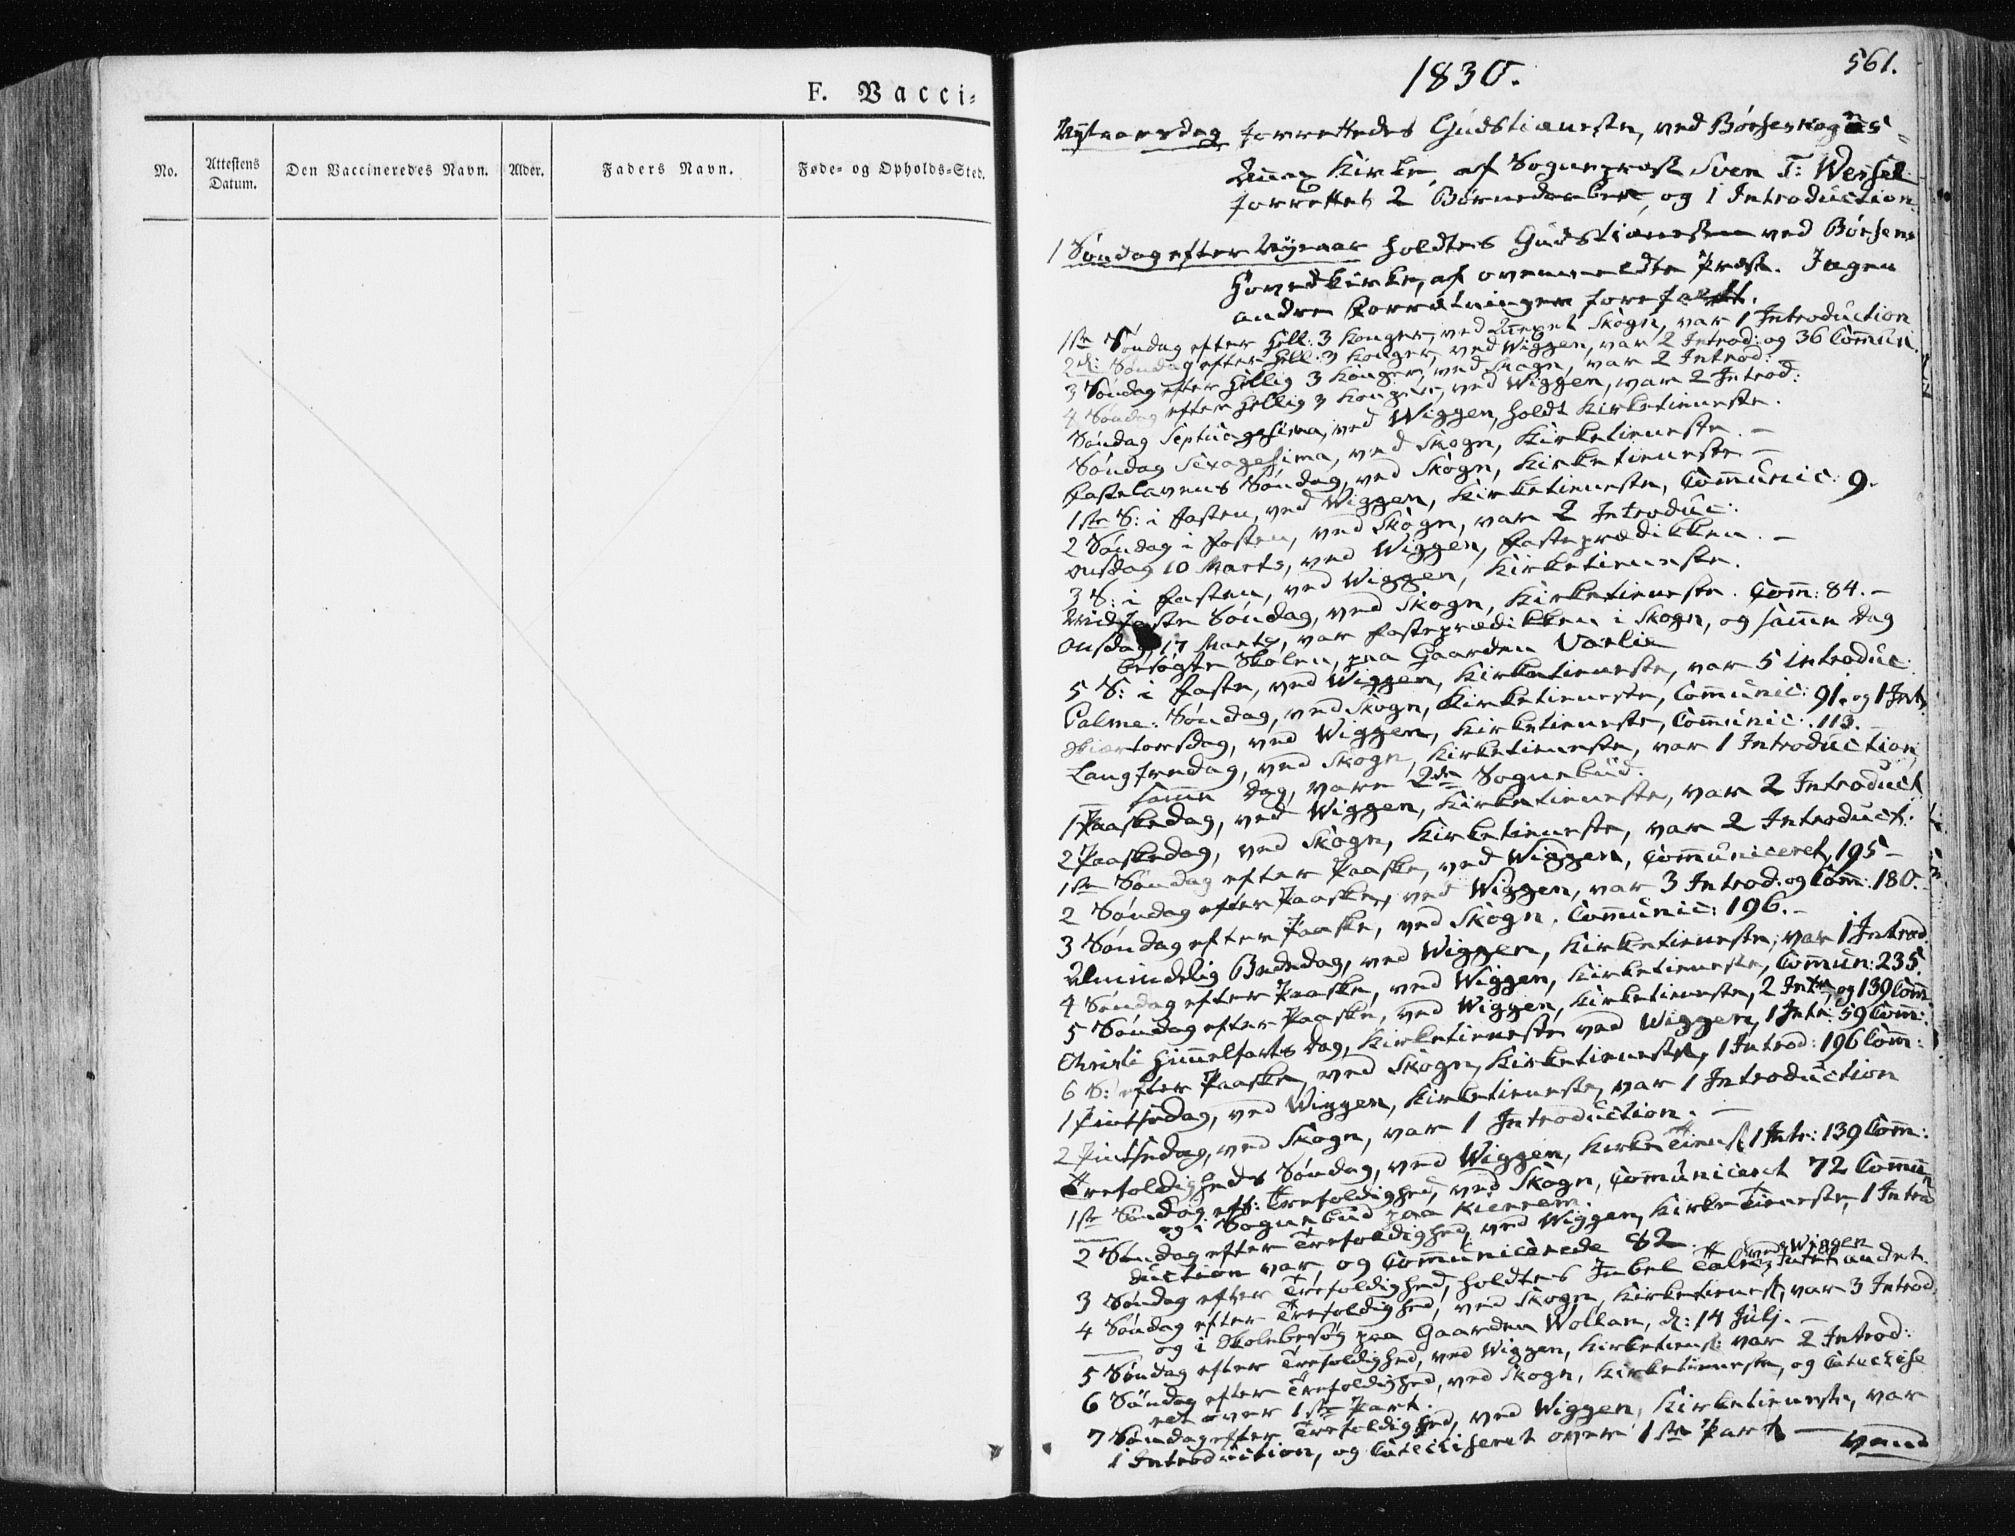 SAT, Ministerialprotokoller, klokkerbøker og fødselsregistre - Sør-Trøndelag, 665/L0771: Ministerialbok nr. 665A06, 1830-1856, s. 561